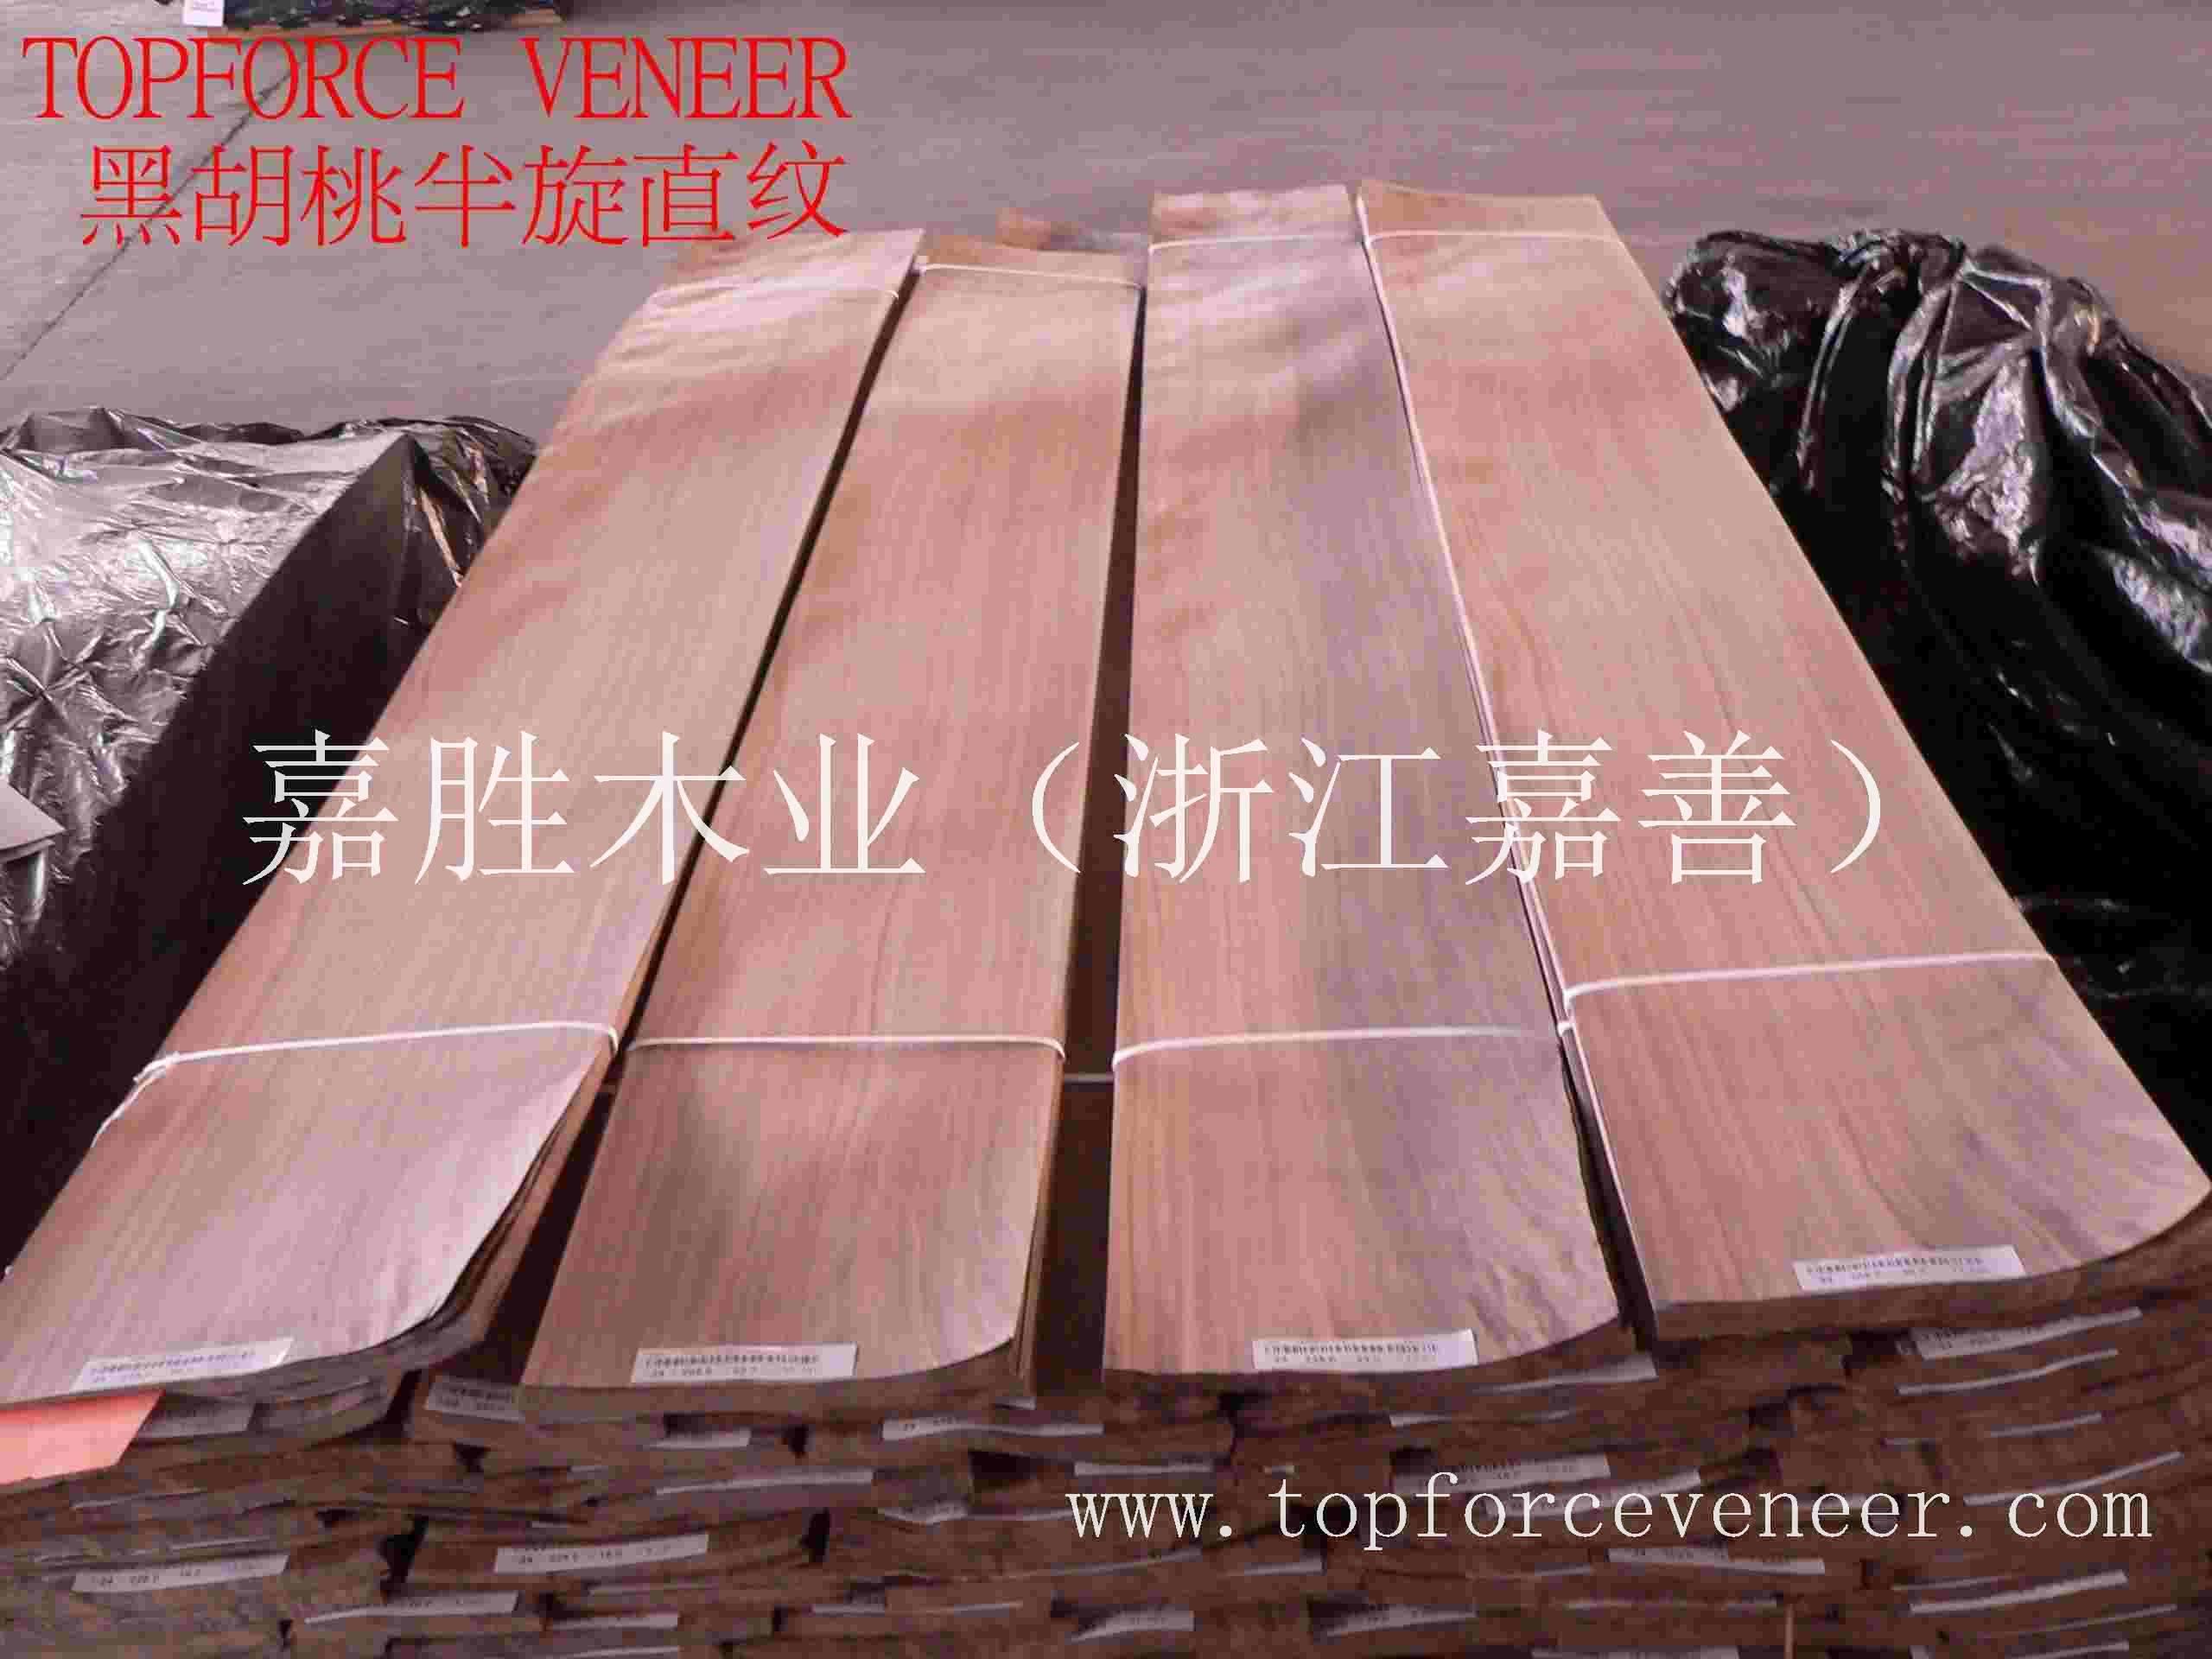 黑胡桃原木木皮 Walnut Veneer and Logs